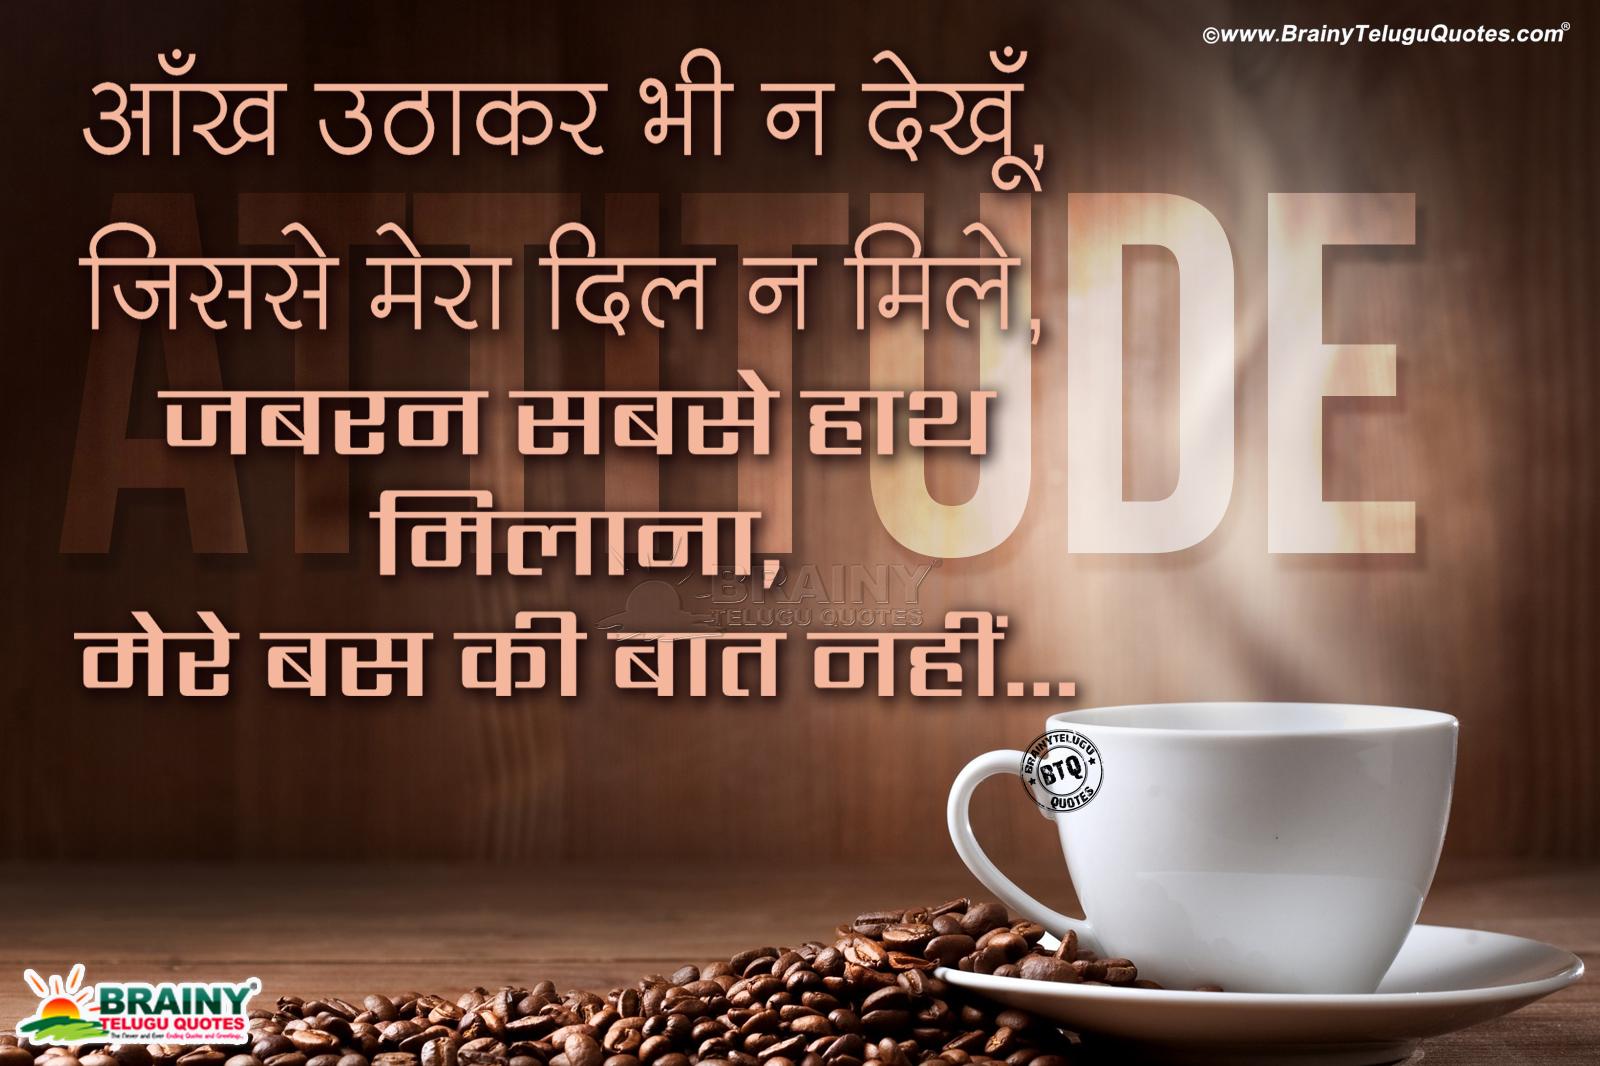 Inspirational Hindi Attitude Quotes Hd Wallpapers In Hindi